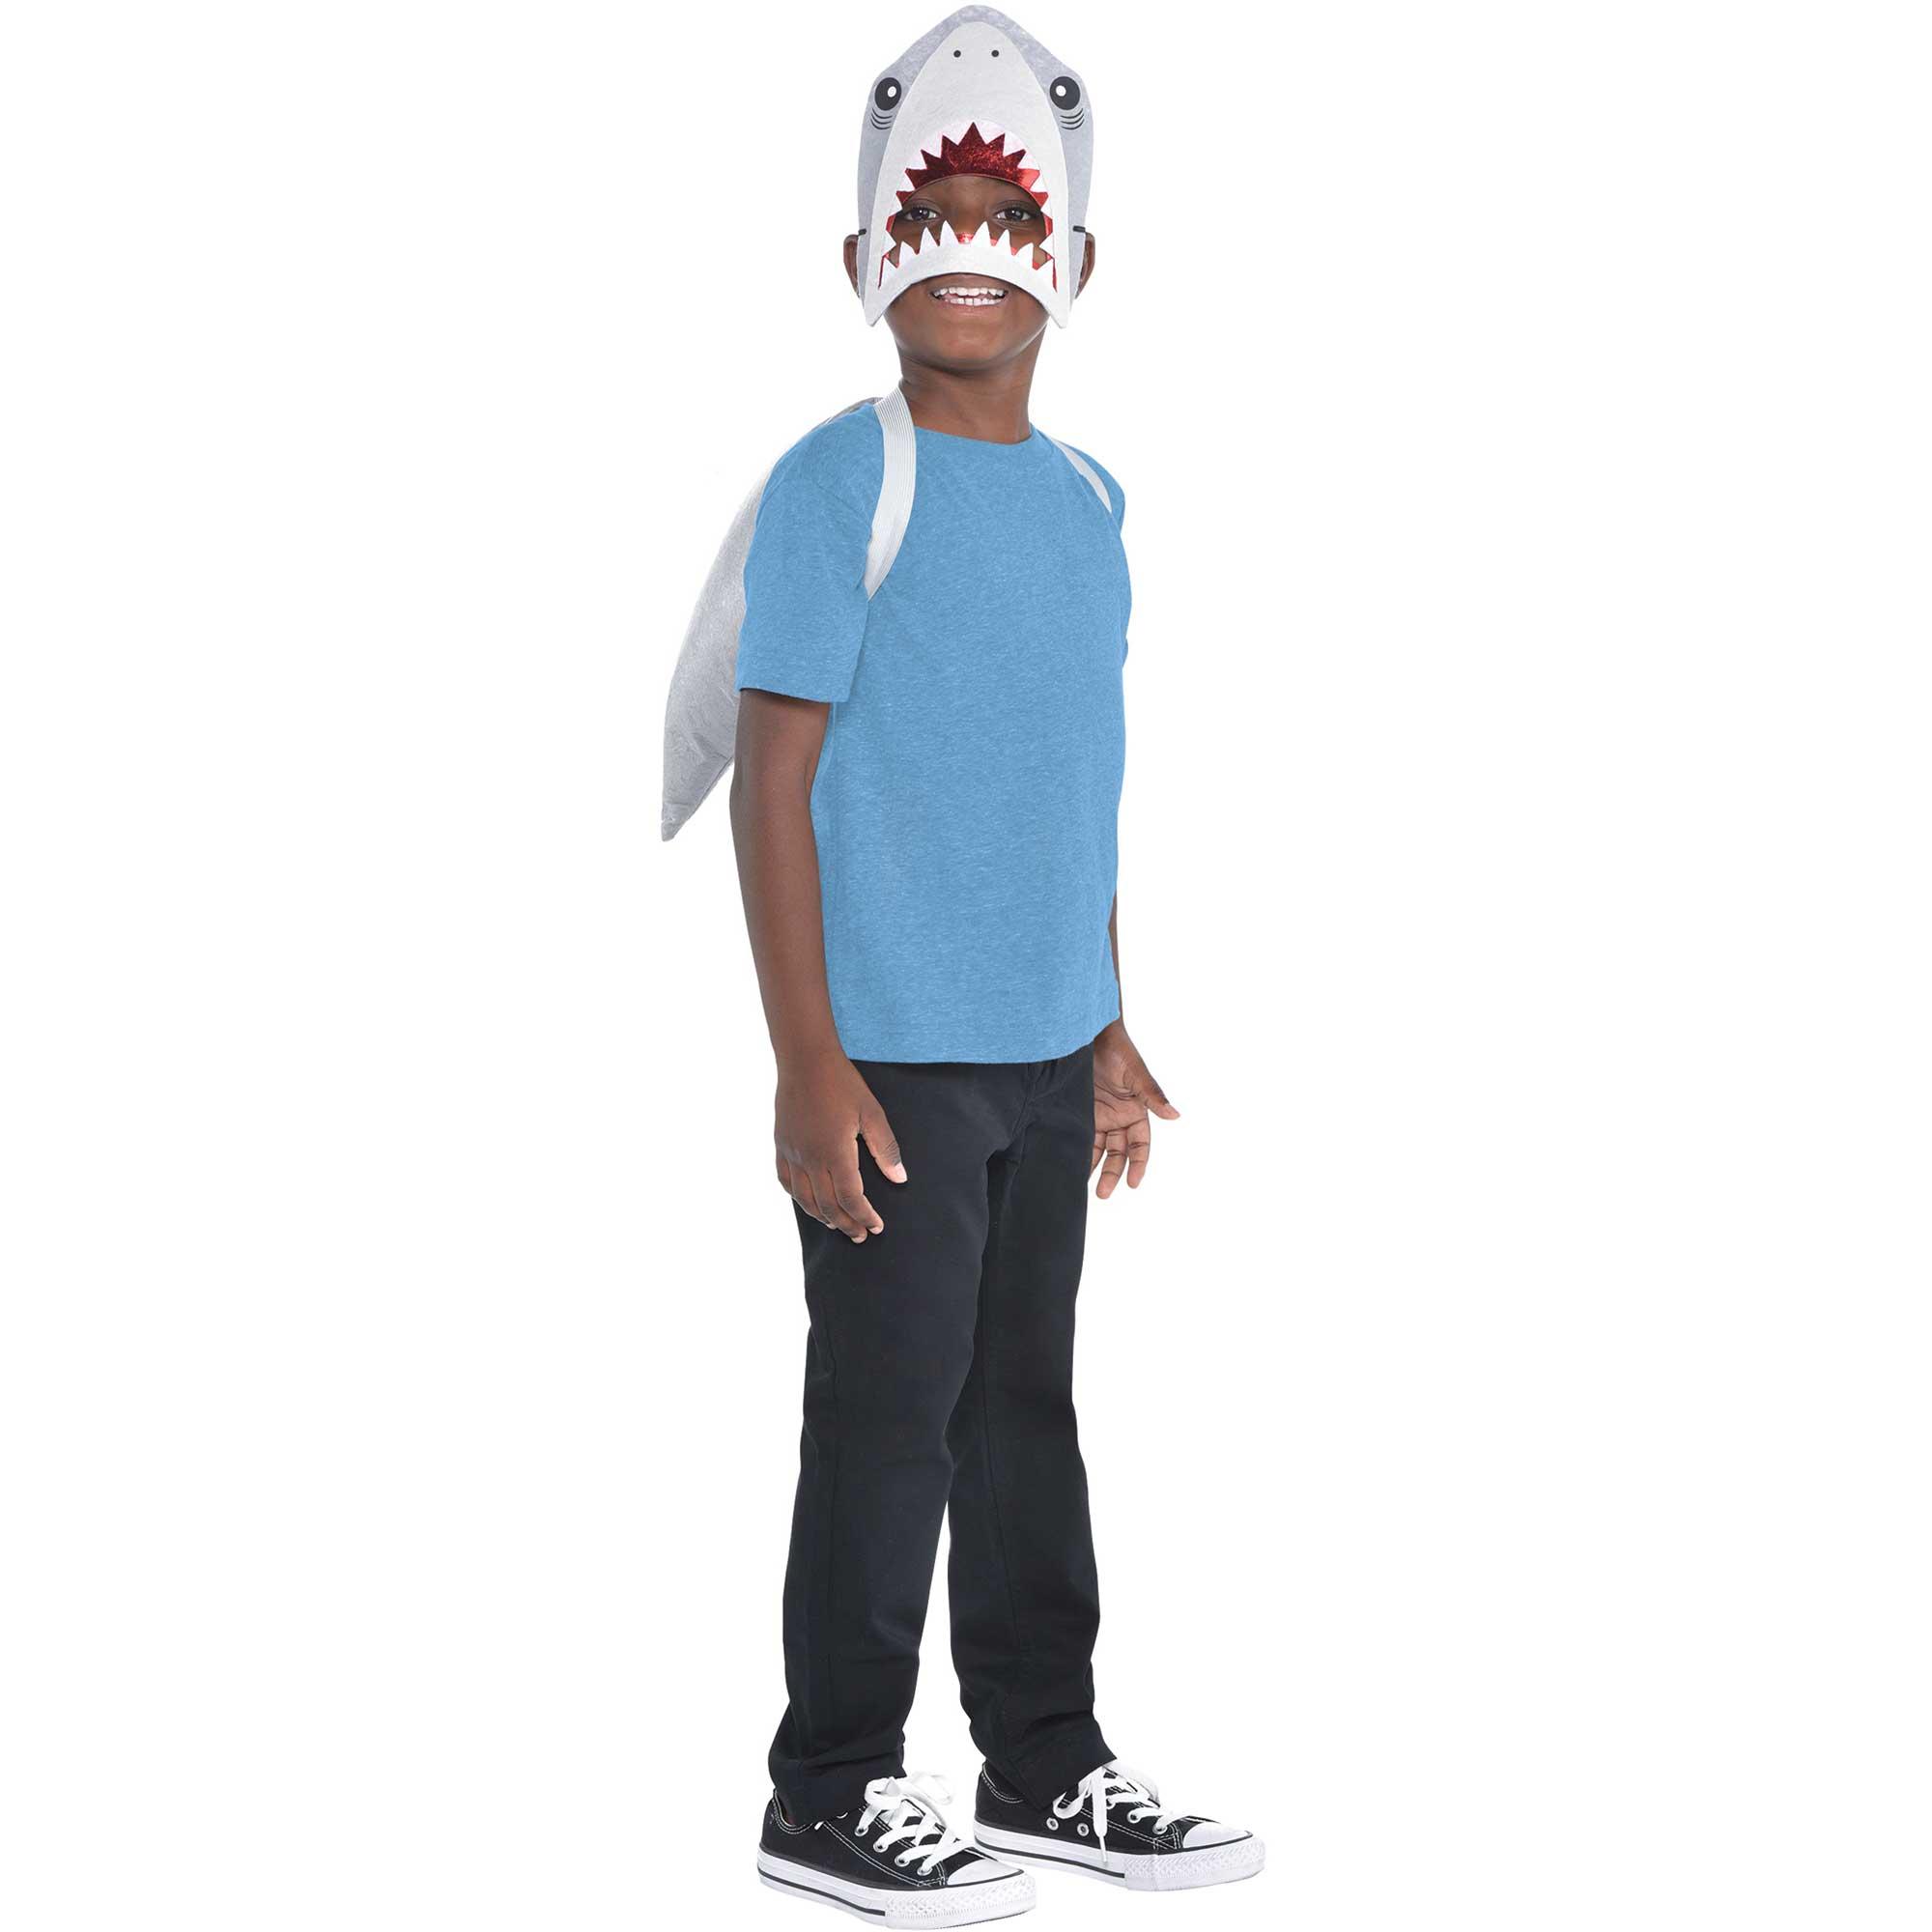 Shark Accessory Kit